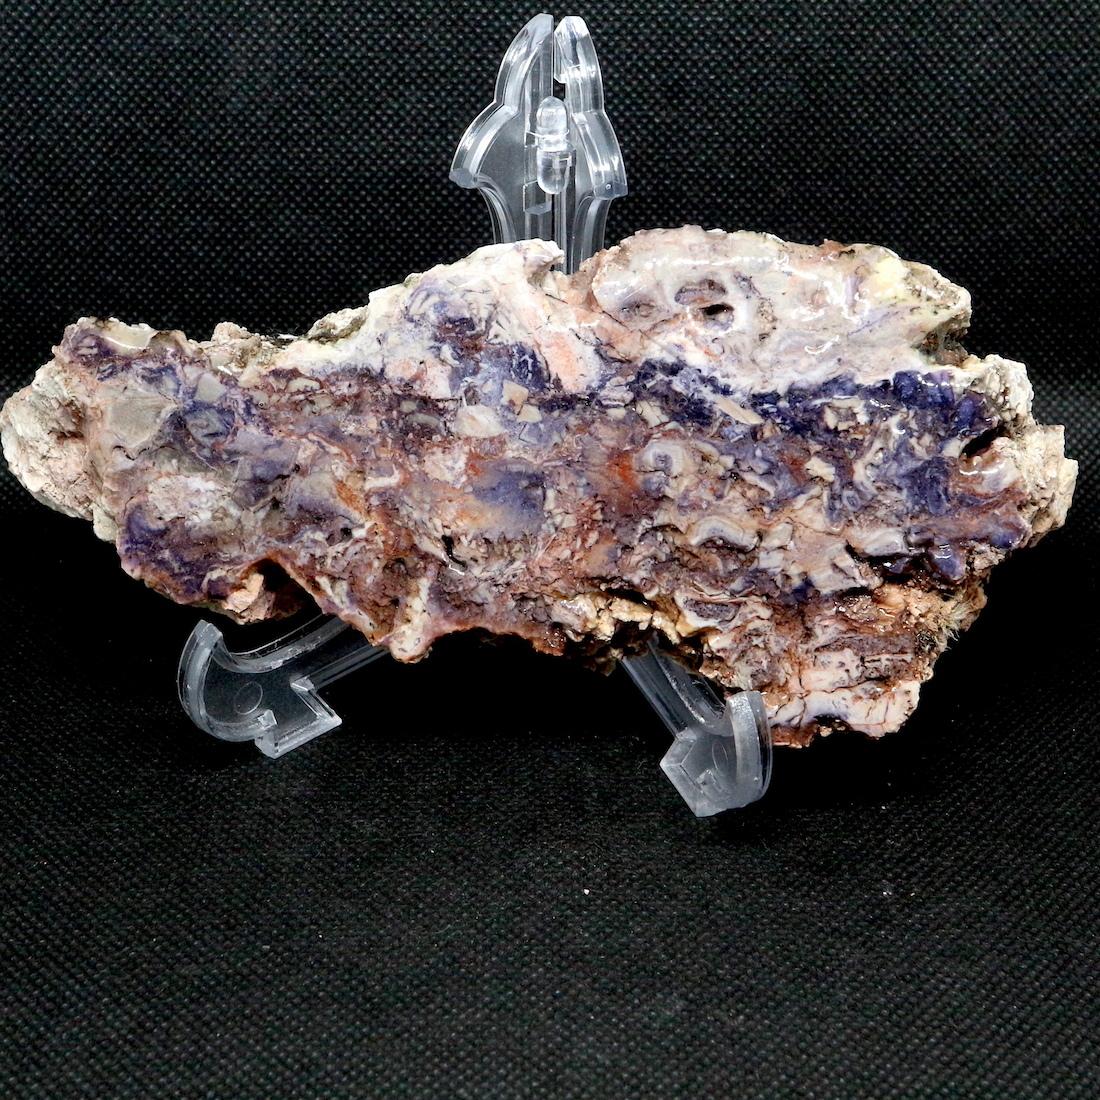 超希少!ティファニーストーン 原石 ユタ州産311,5g 鉱物 TF085 原石 天然石 鉱物 パワーストーン